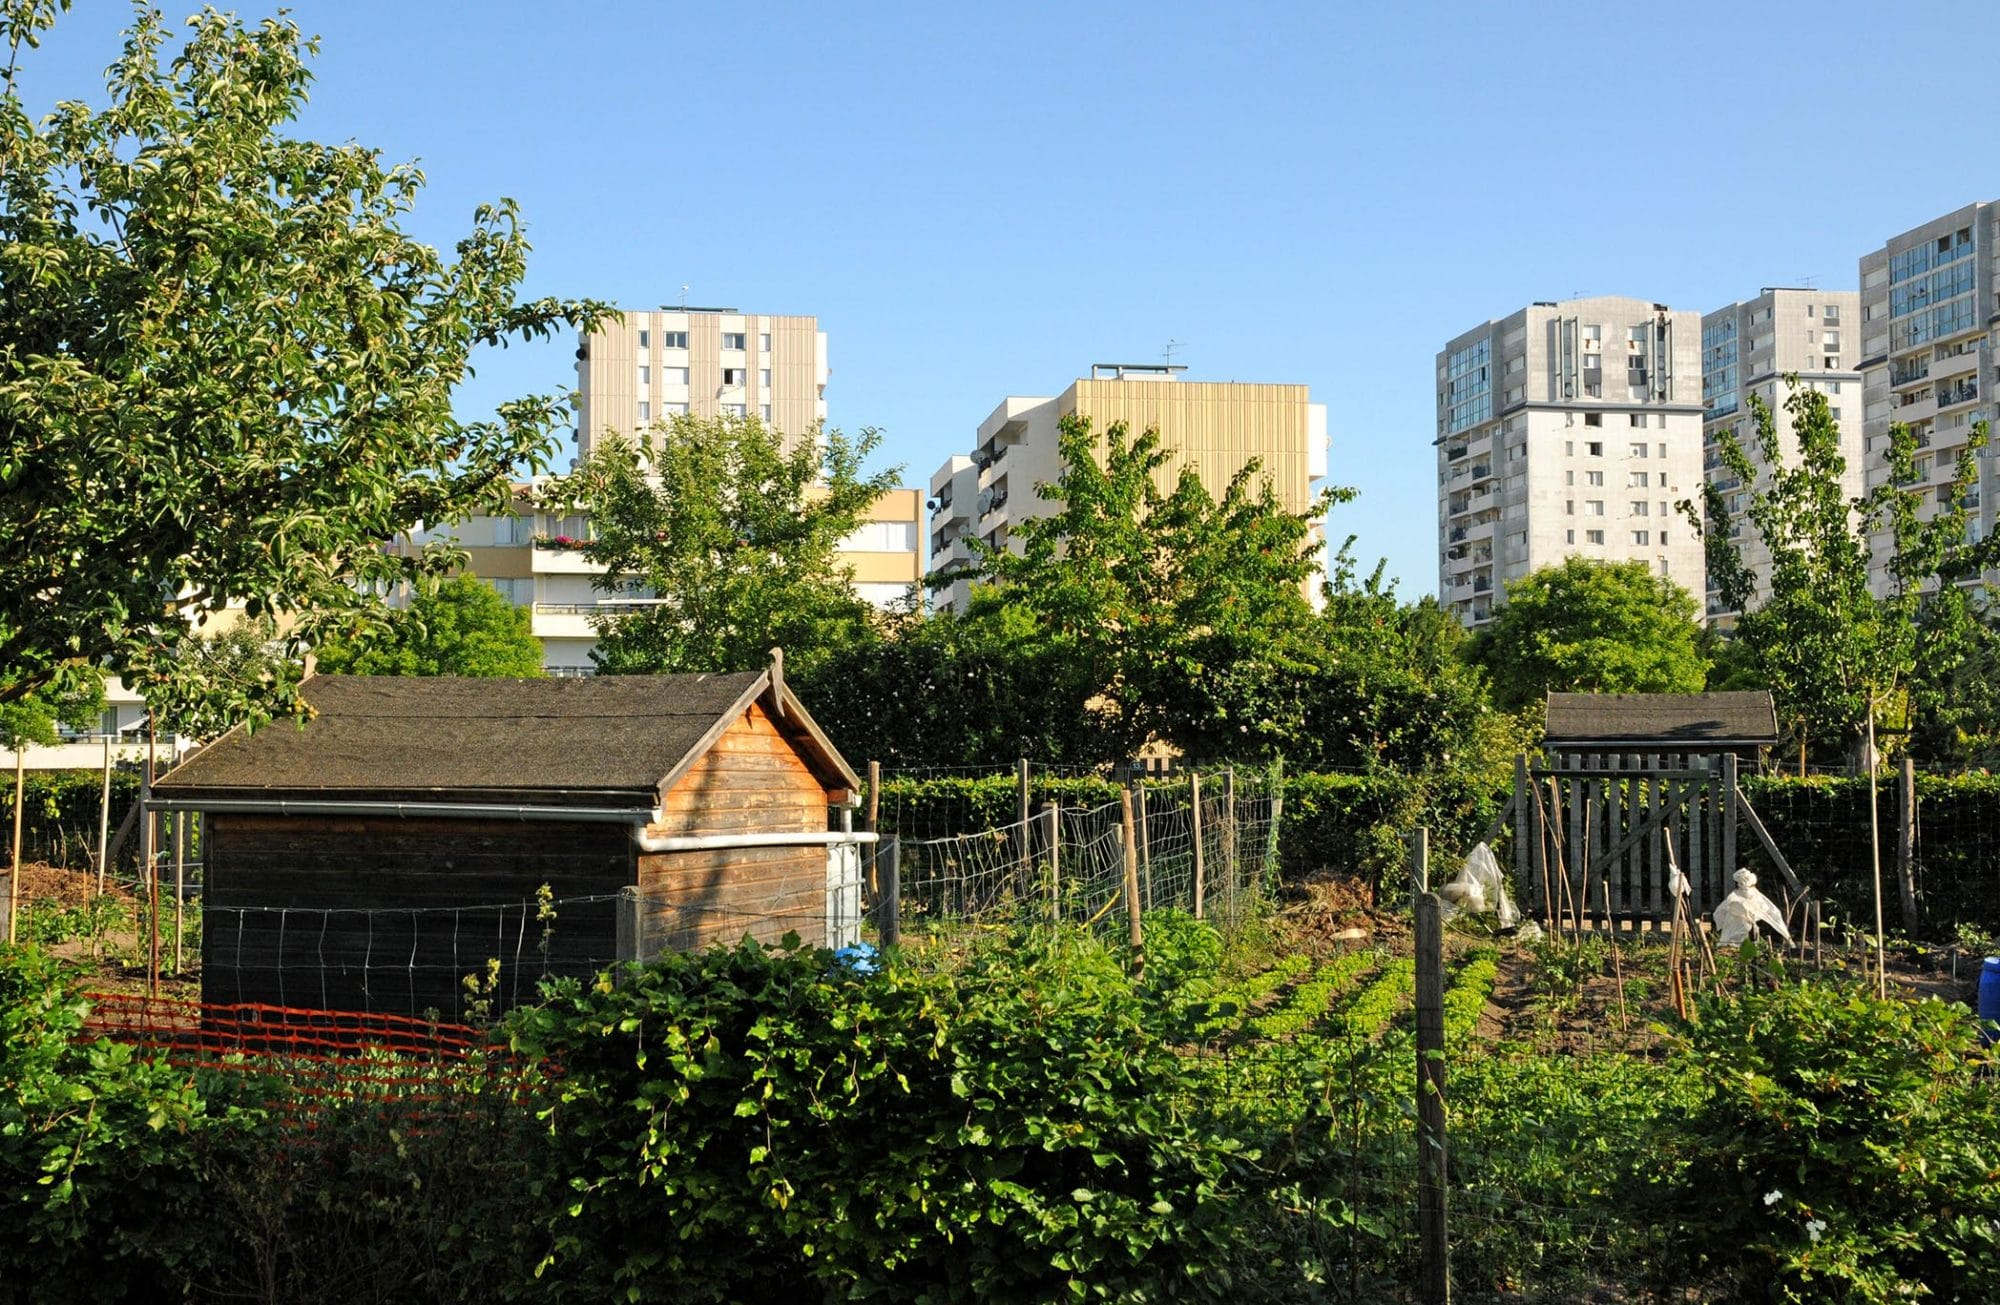 Après le potager de ville, découvrez la ferme urbaine !